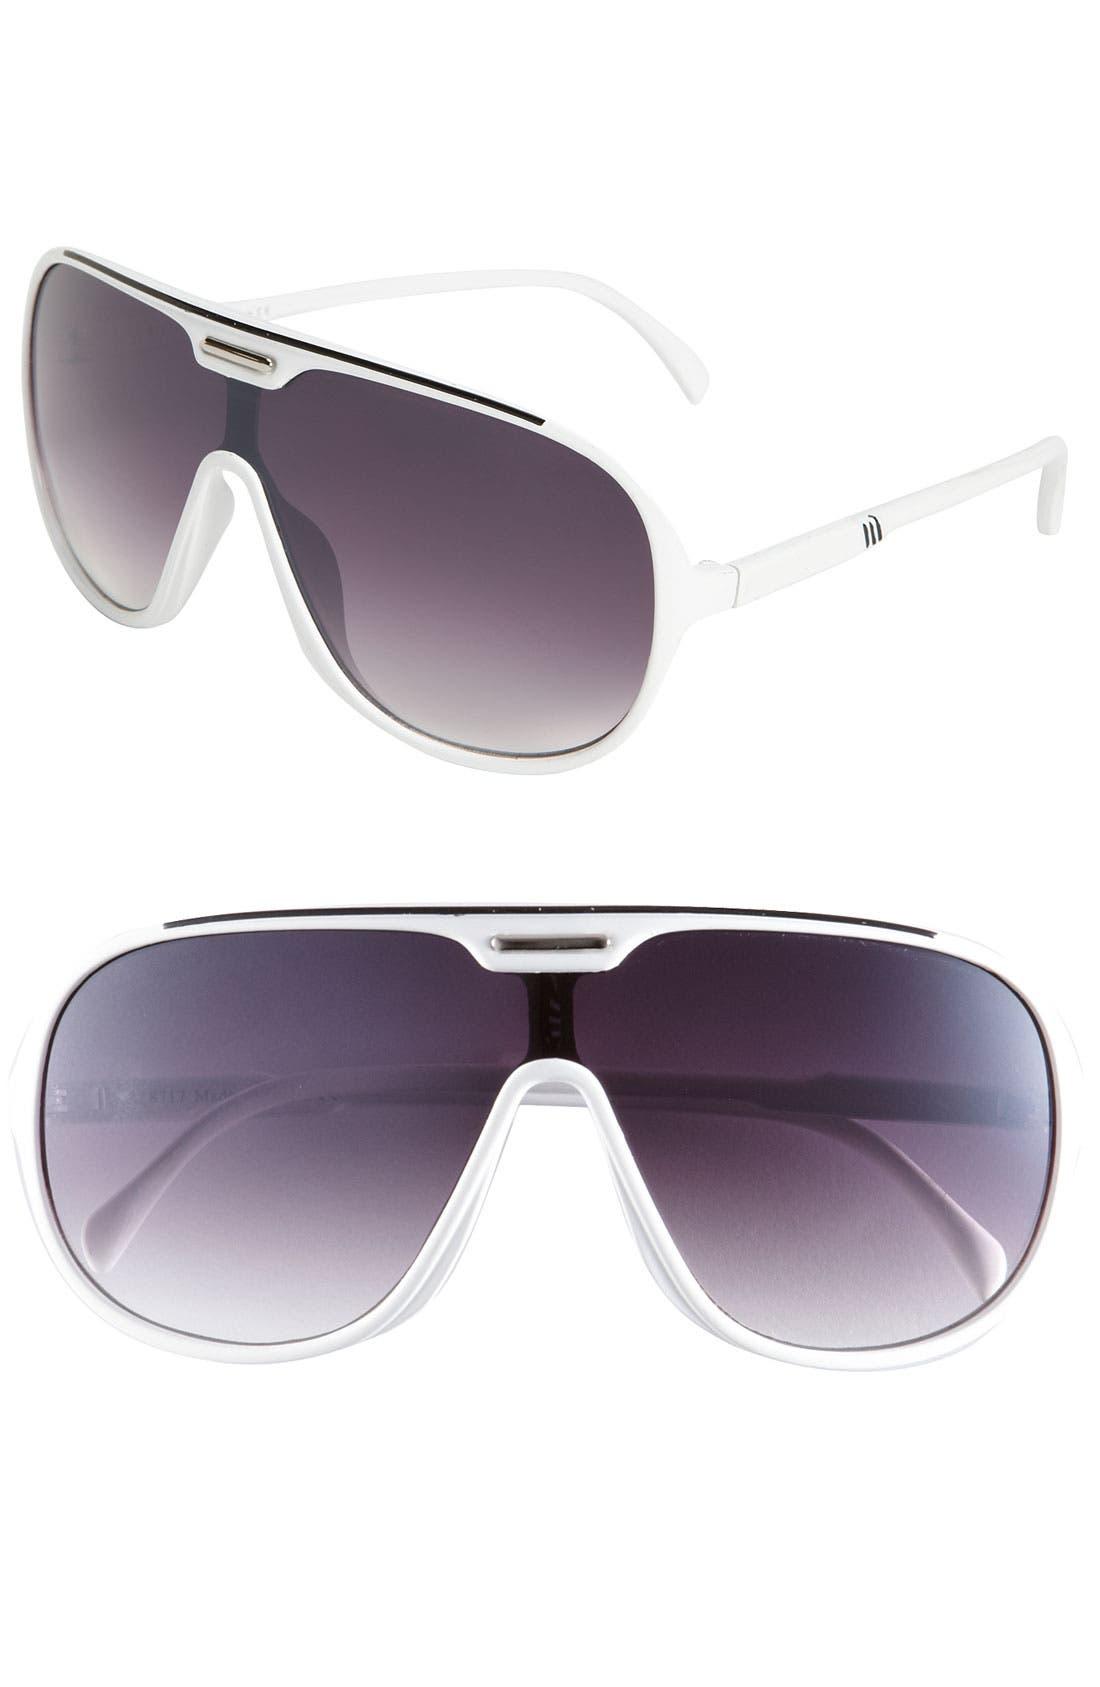 Main Image - KW 'Viper' Aviator Sunglasses